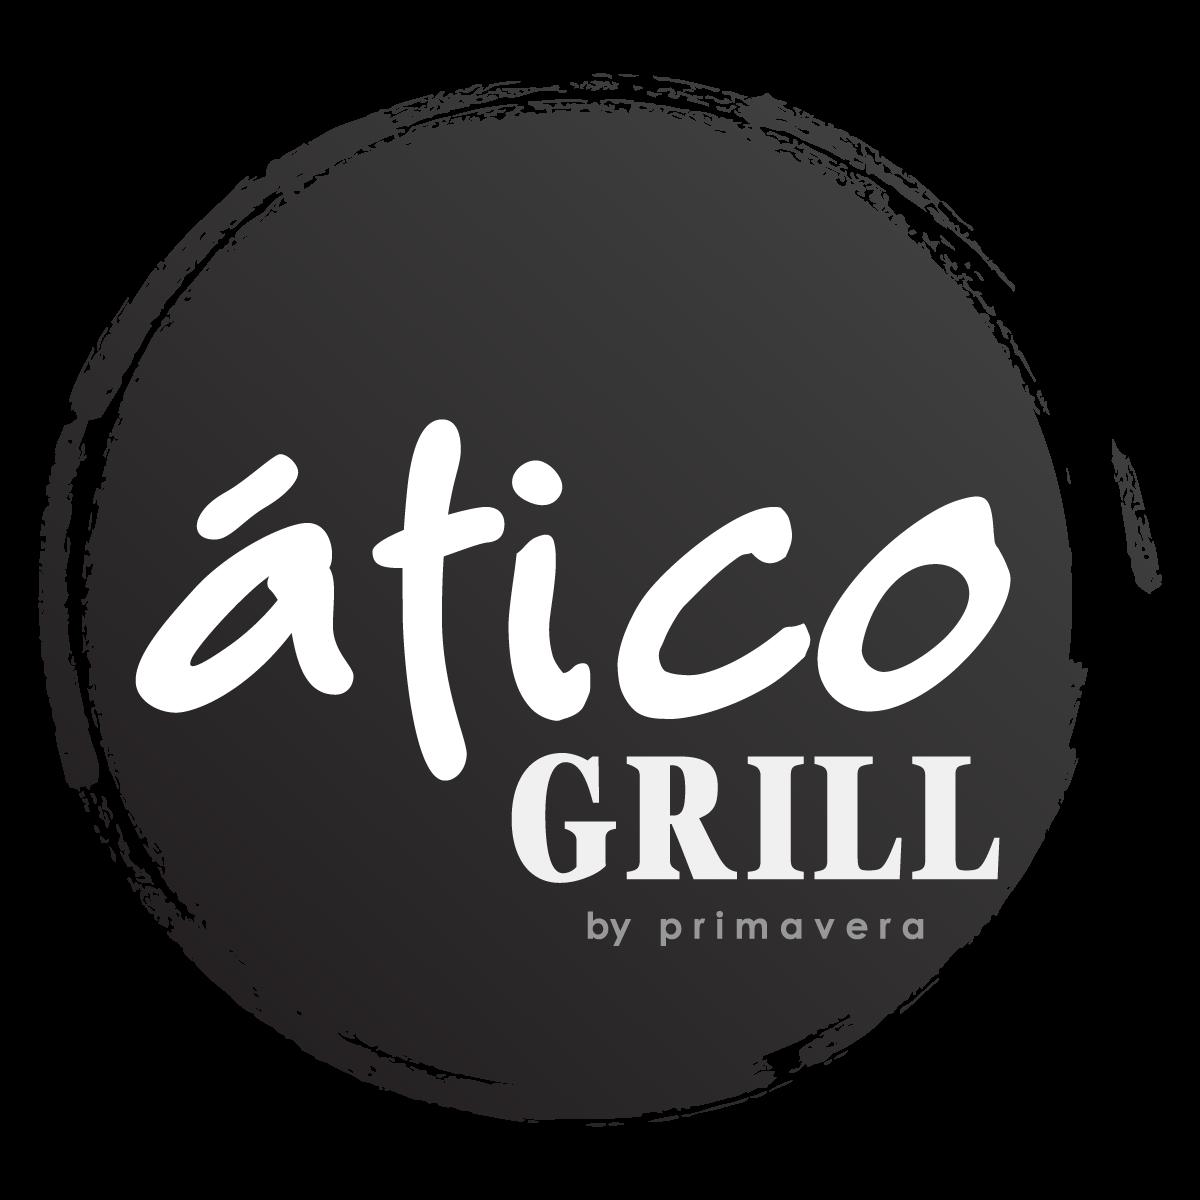 Atico Grill logo